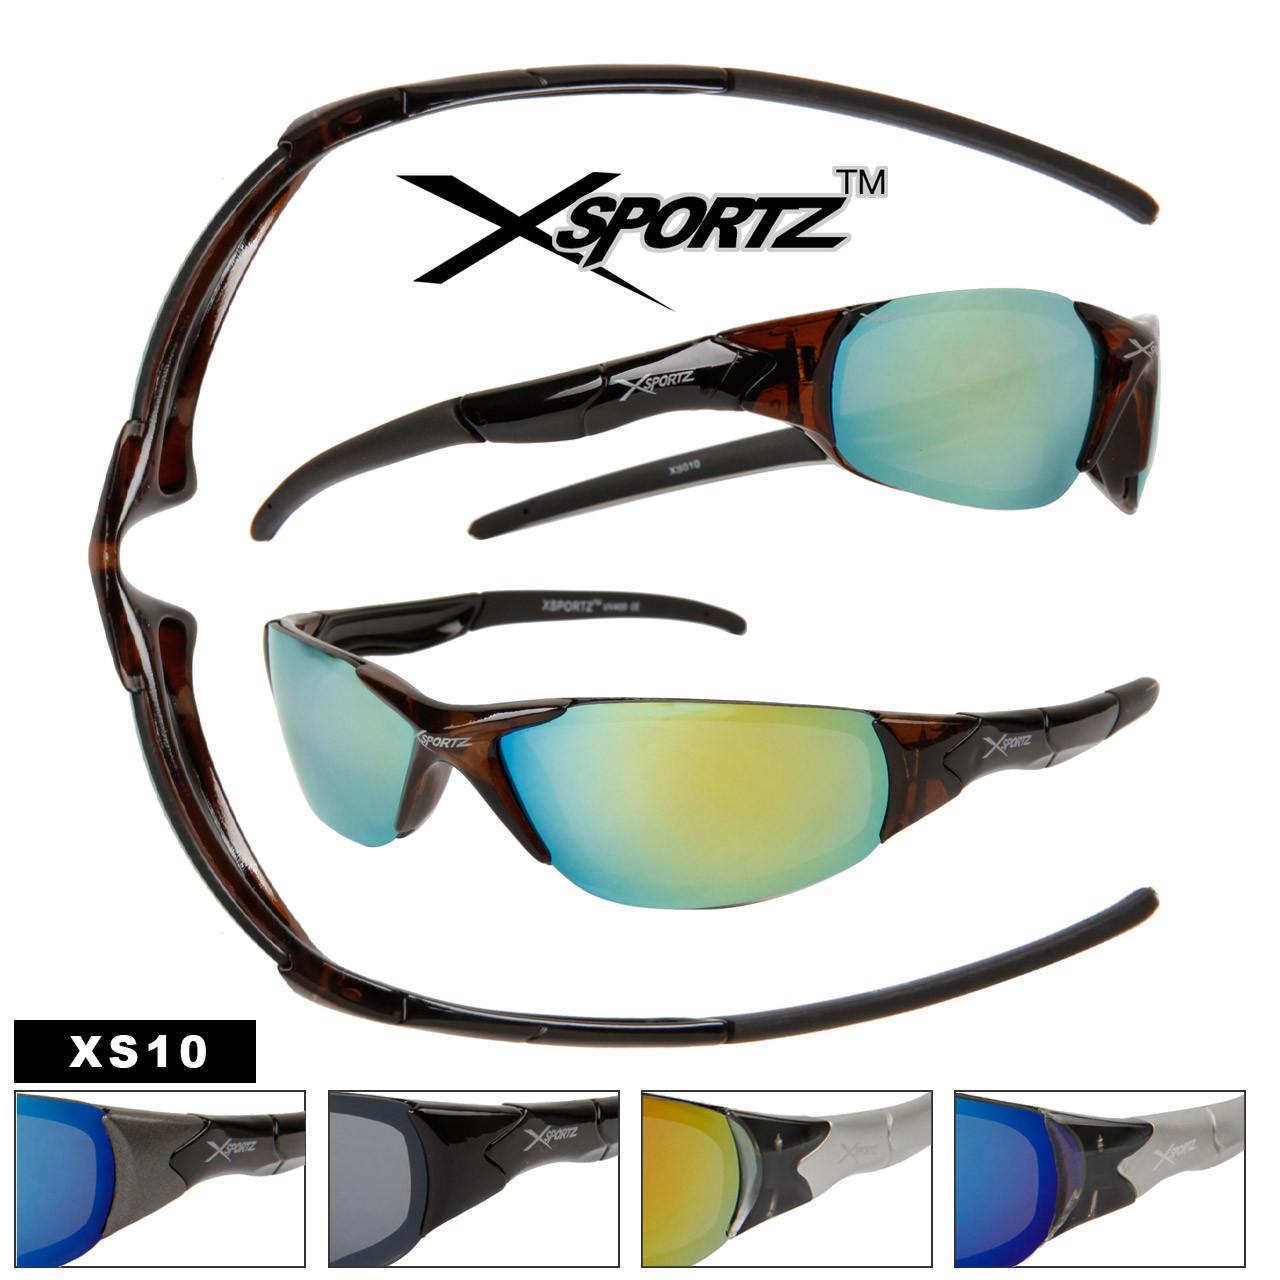 Xsports Sports Sunglasses XS10